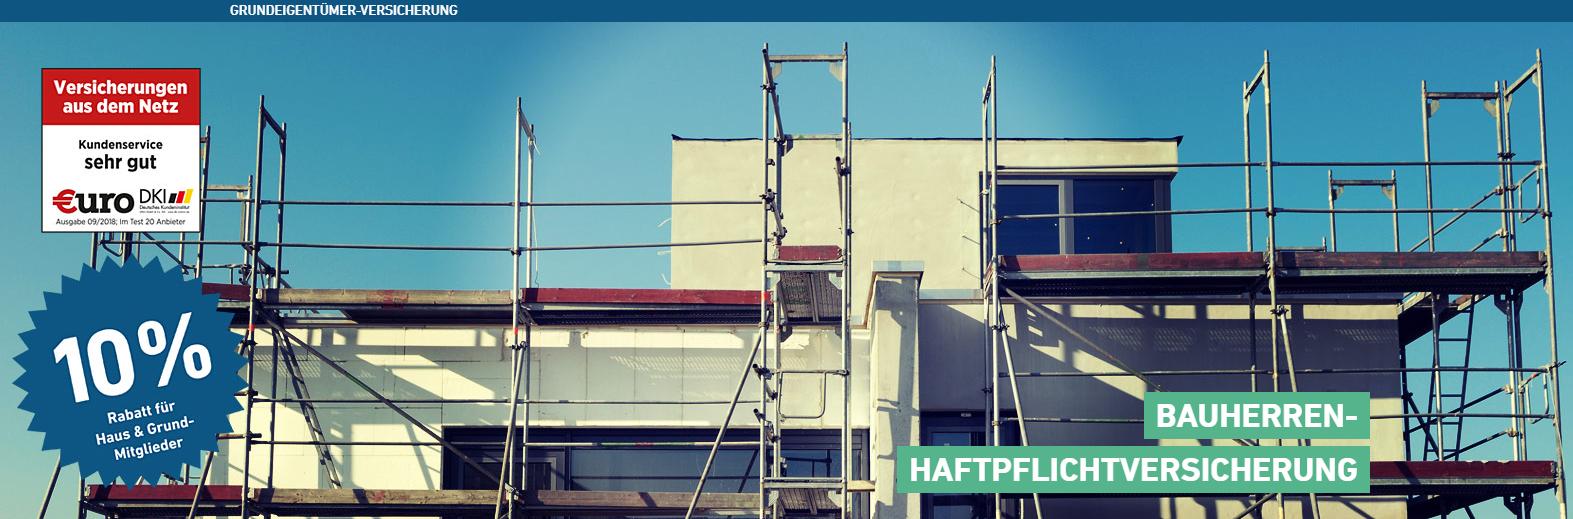 Privathaftpflichtversicherung- Vergleich Bauherren